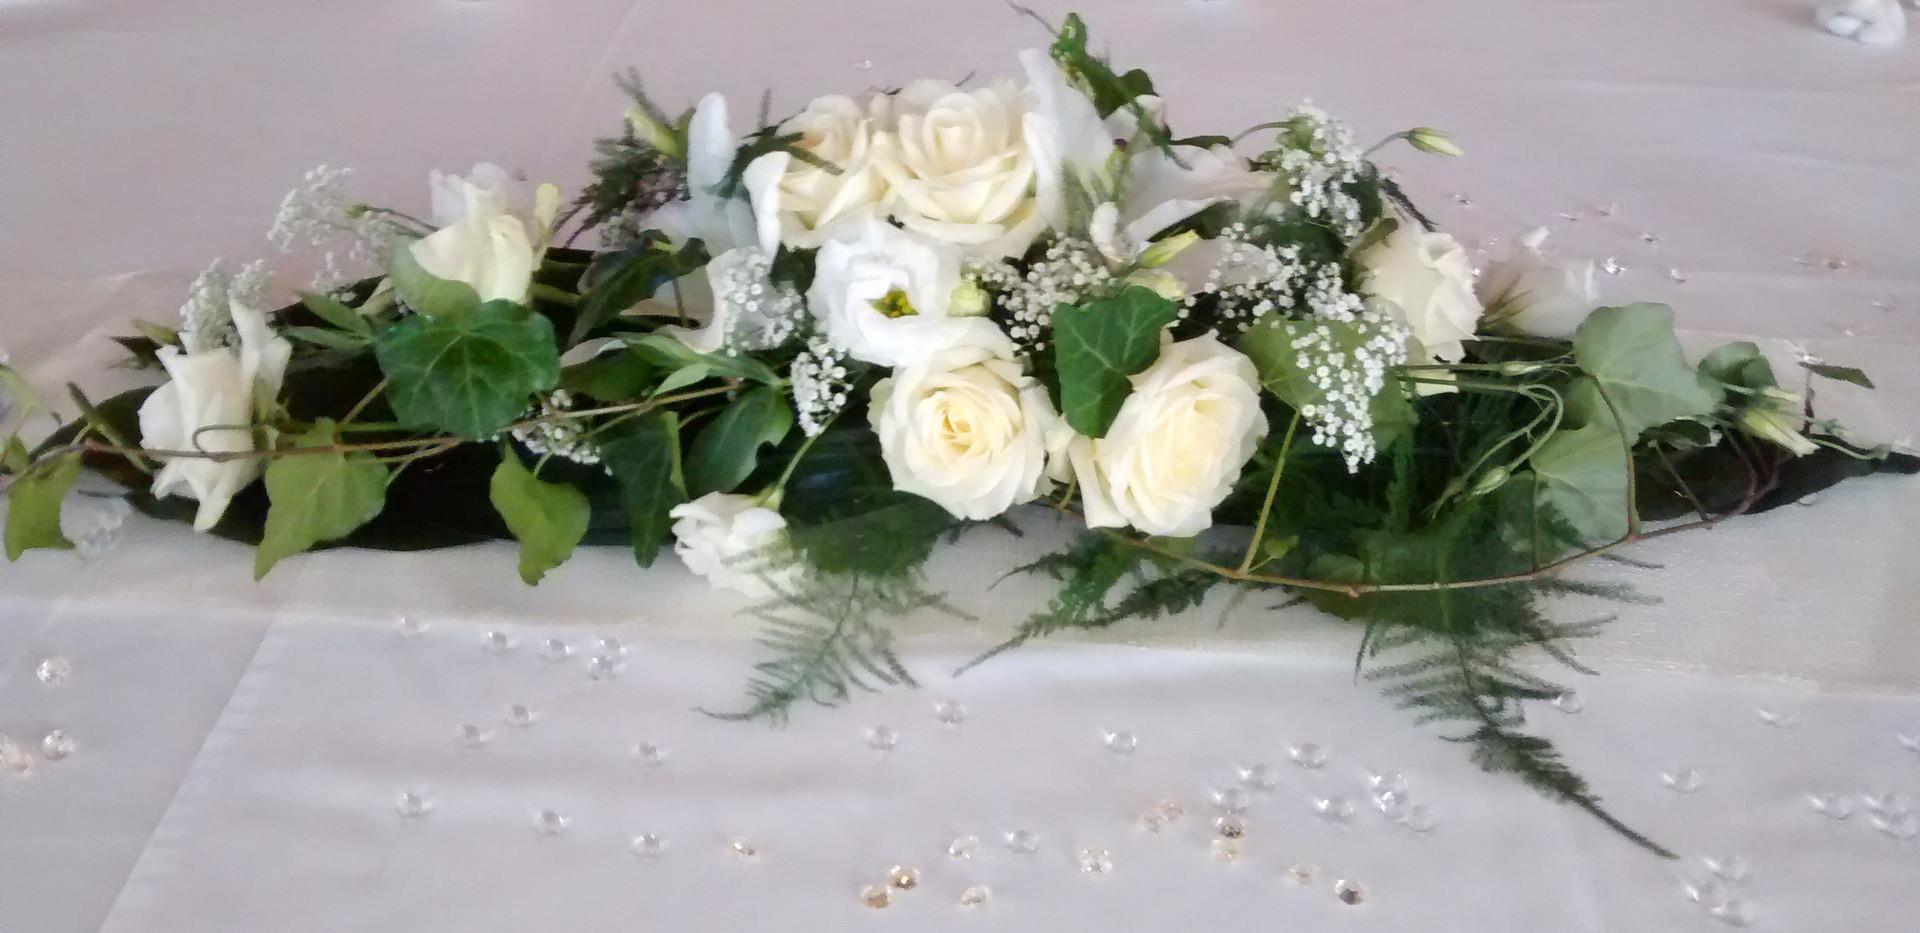 Rose Basque, Mariage